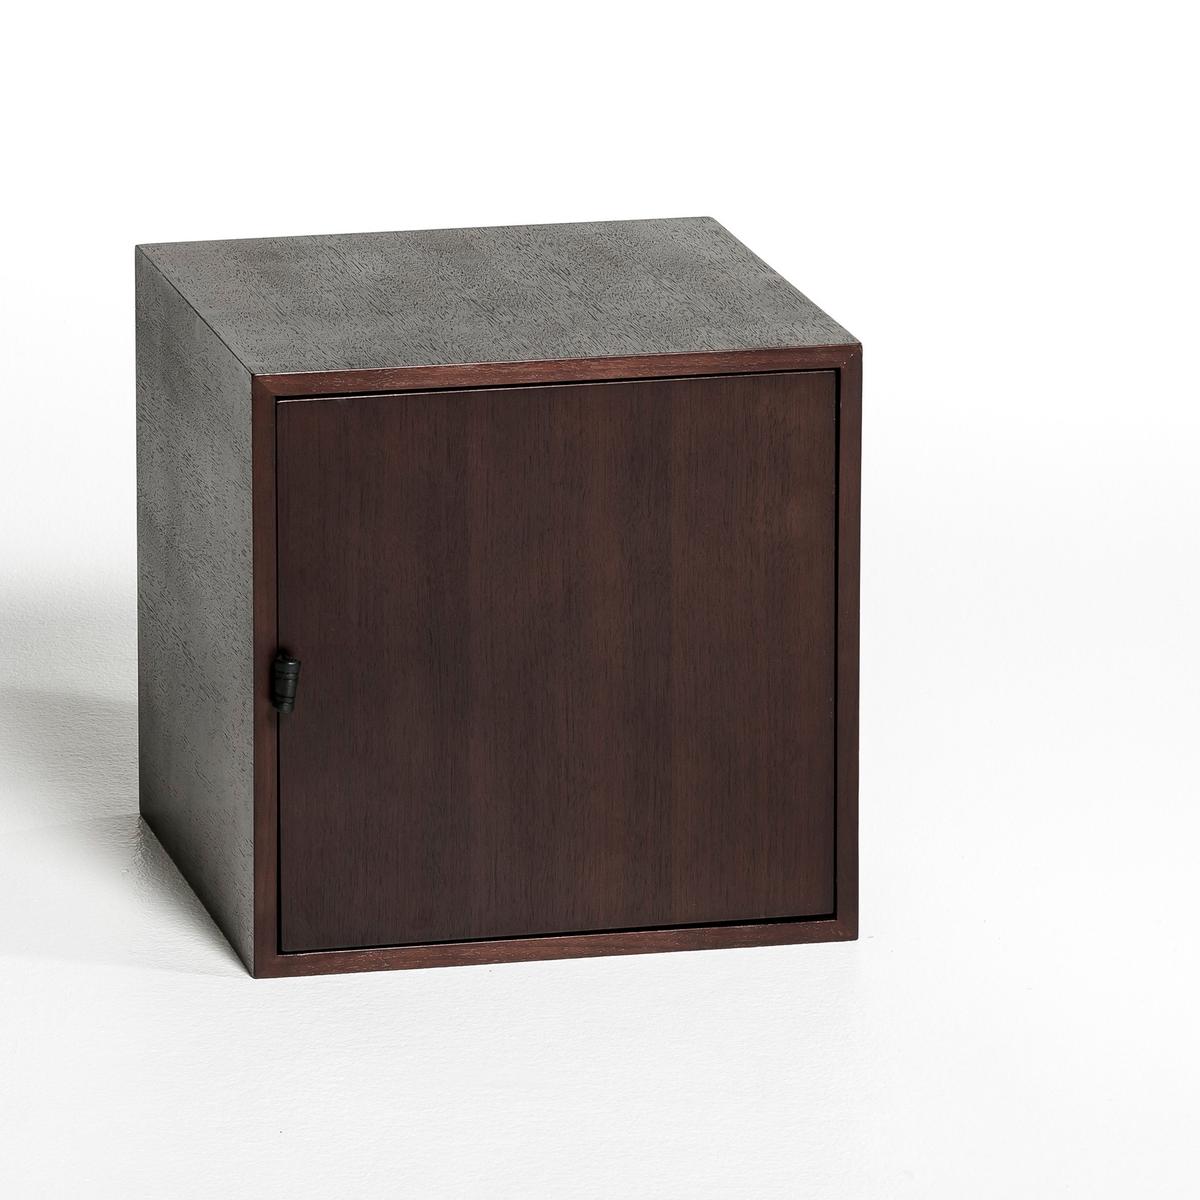 Ящик с 1 дверкой Kouzou, по дизайну Э. ГаллиныЭтот ящик с 1 дверкой подходит к этажерке Kouzou, этот комплект разработан по дизайну Эммануэля Галлины, специально для AM.PM.Характеристики:- Ящик из МДФ, фанера дуба.- Ручка из кожи.Размеры:-  Размер S: 35 x 35 x 35 см.- Размер M: 35 x 35 x 70 см.<br><br>Цвет: ореховый